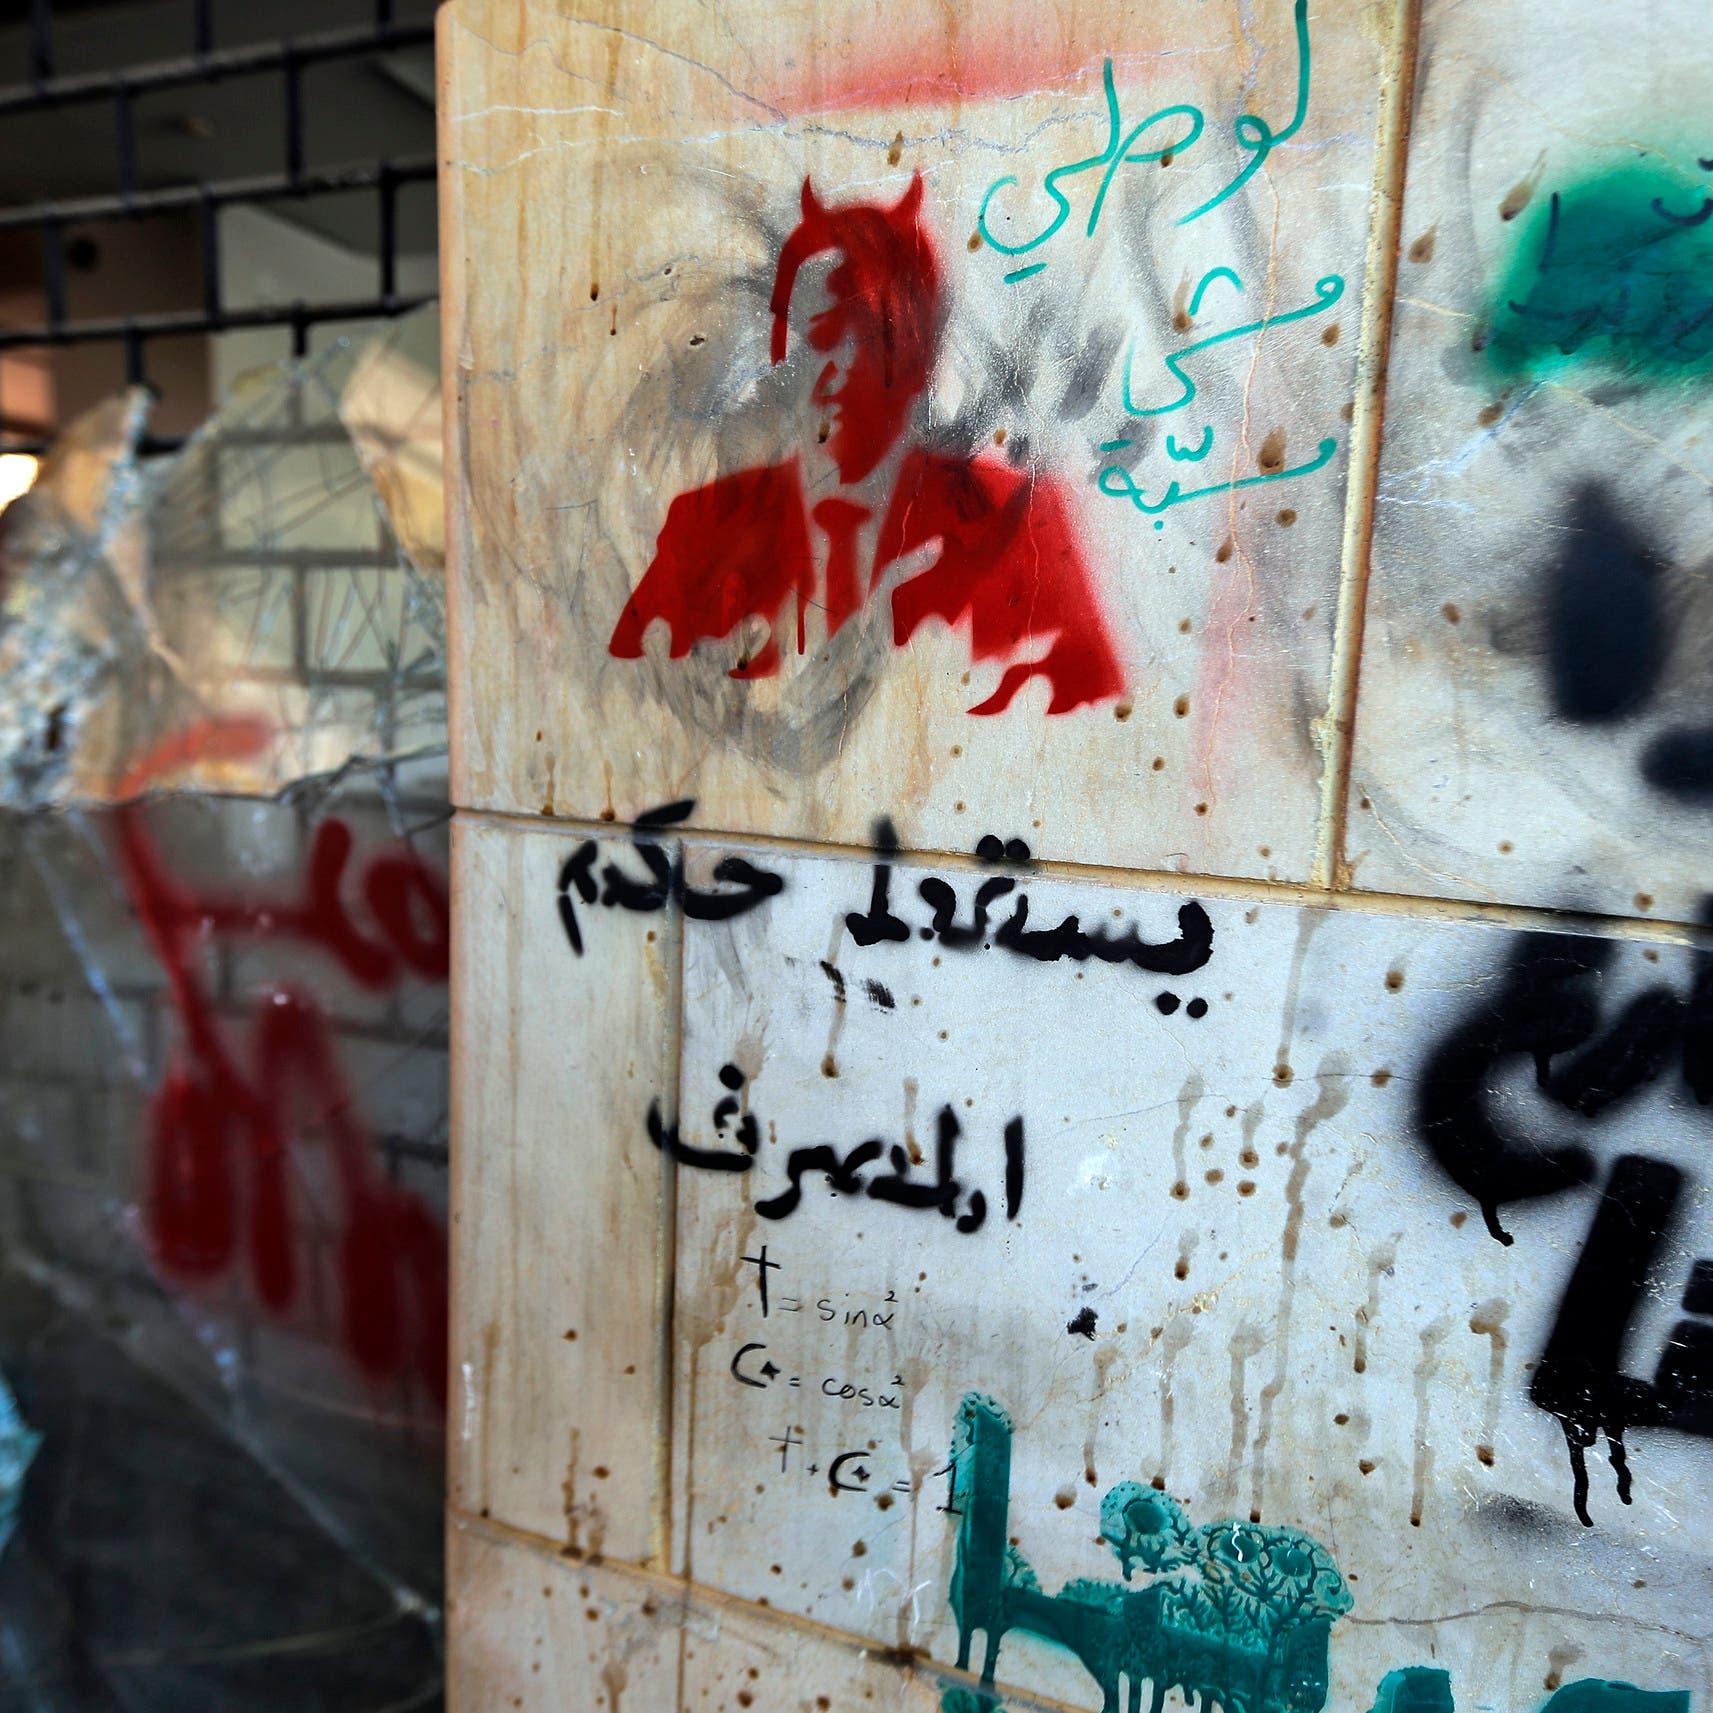 هل البنوك اللبنانية قاب قوسين من الإفلاس؟ مصرف لبنان يوضح